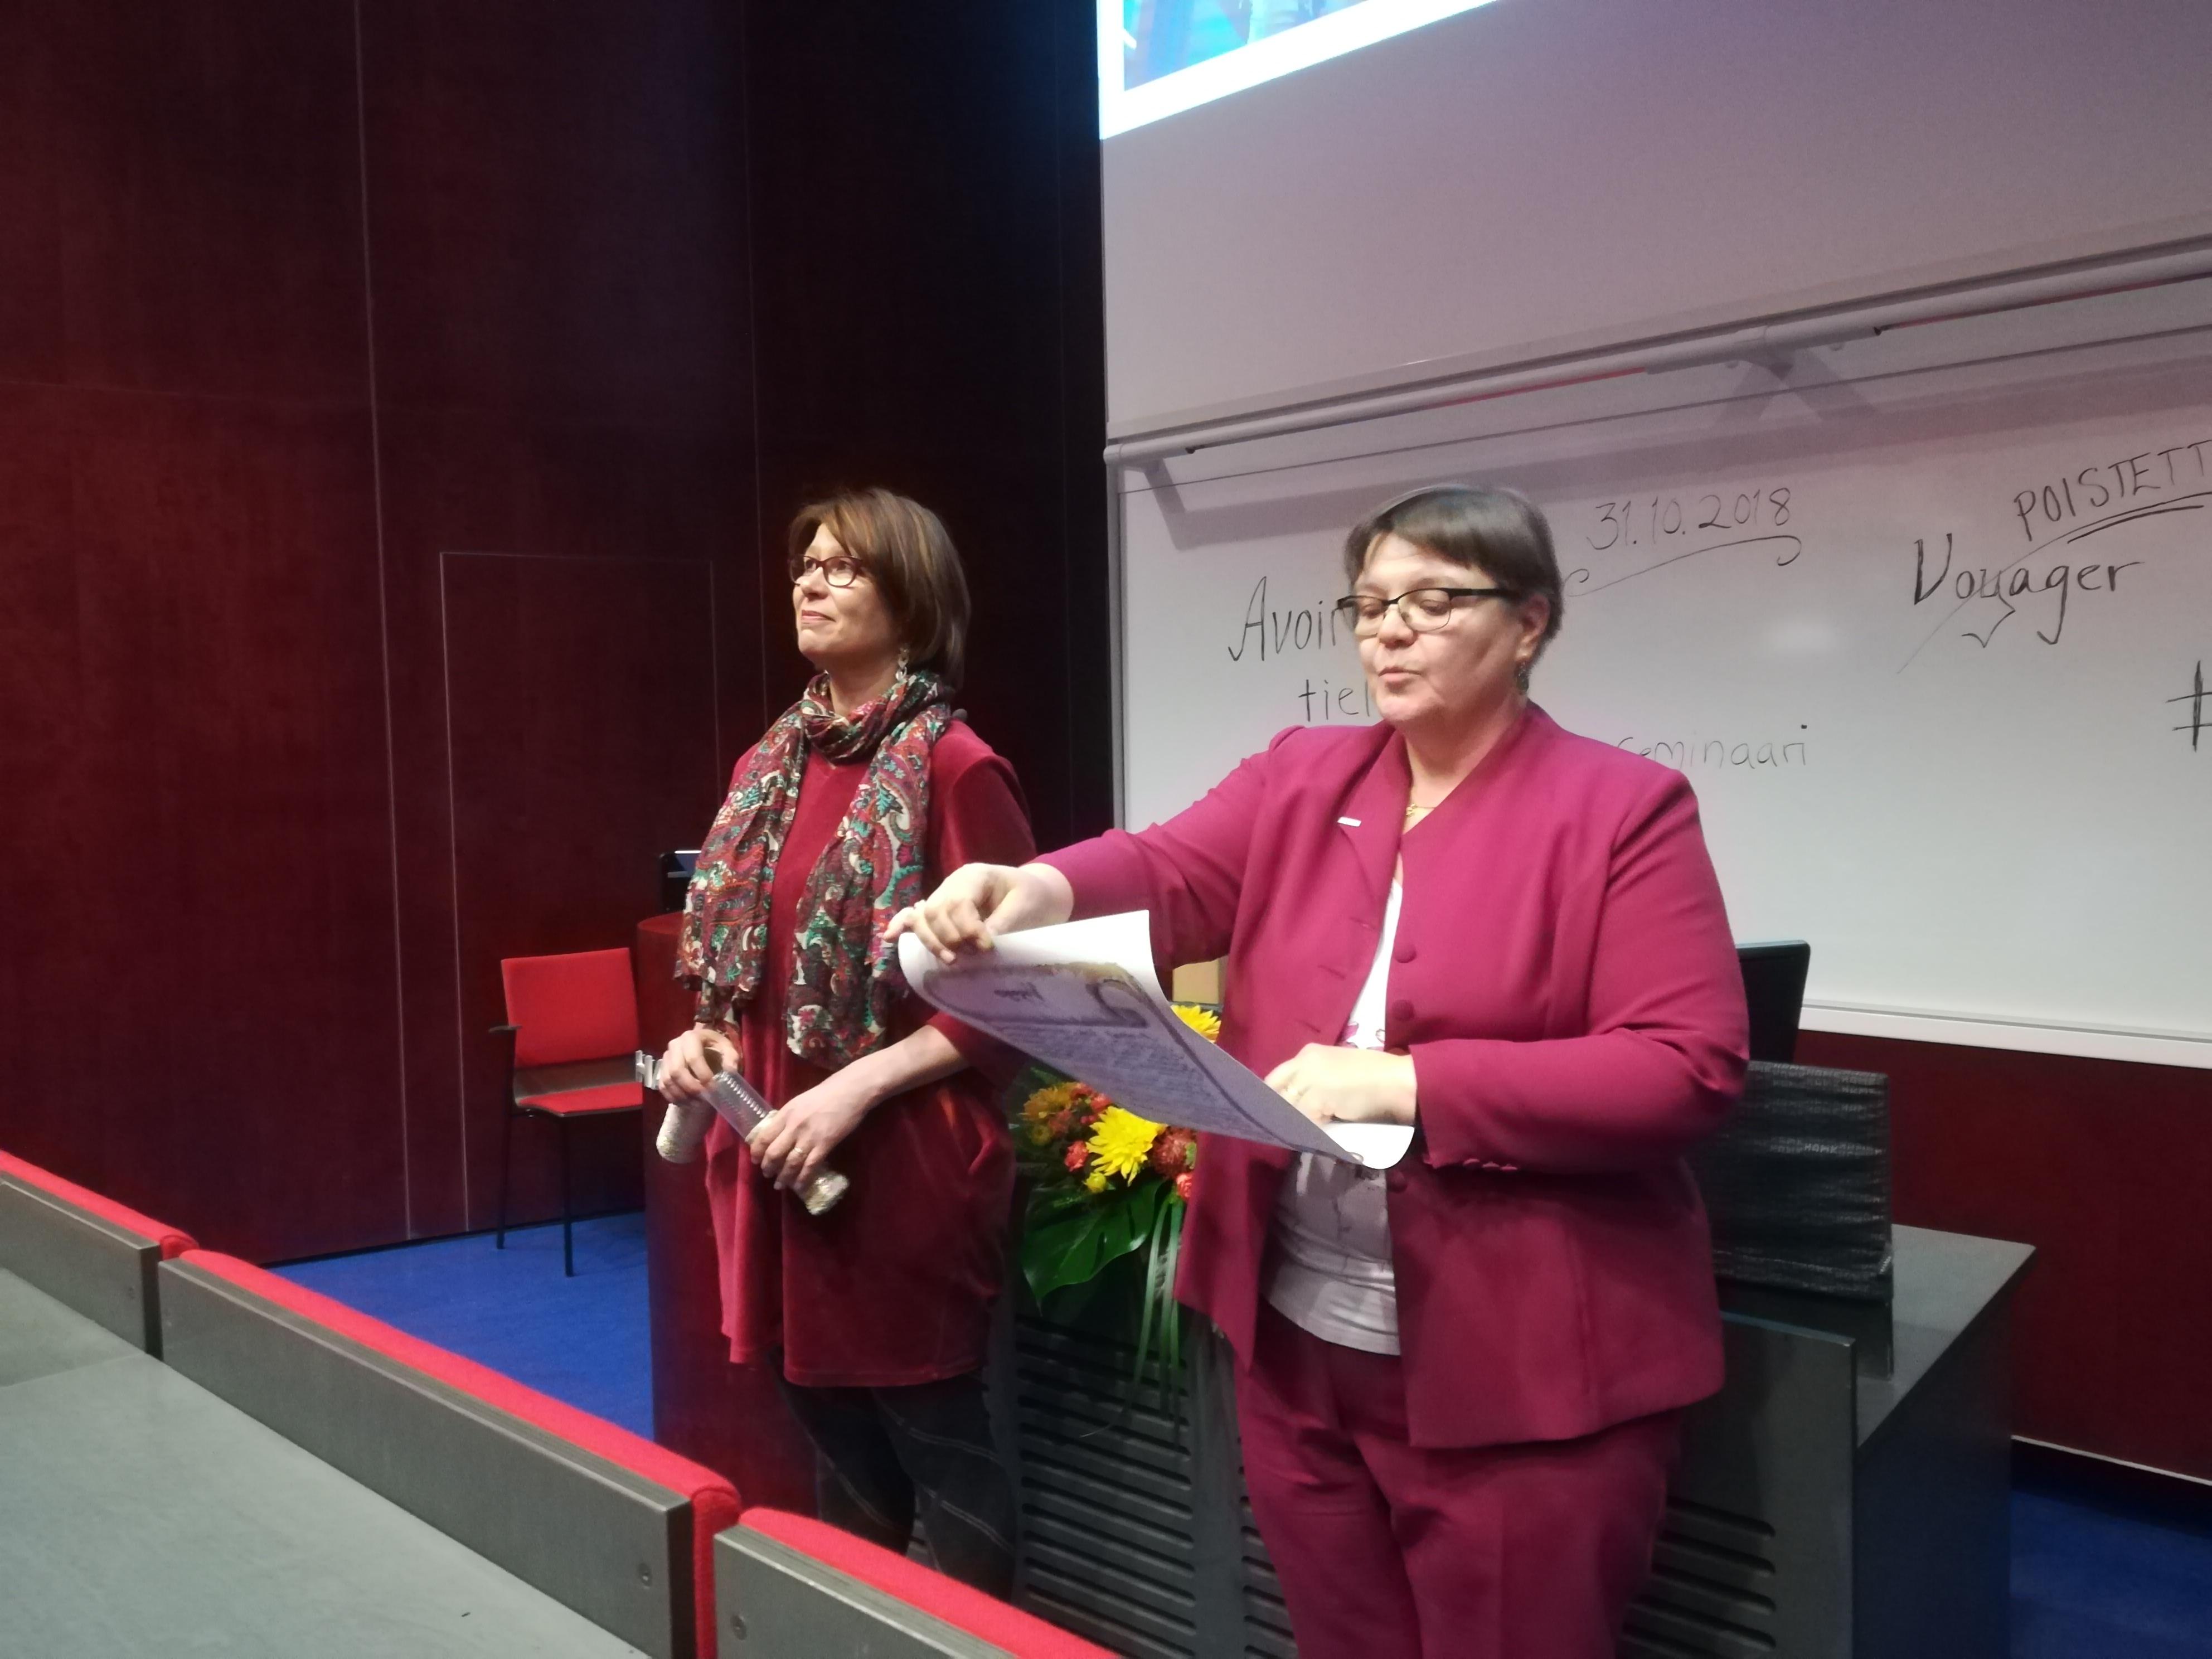 HAMKin Sinikka Luokkanen  ja Minna Kivinen siirsivät Kohan käyttöönottoseminaarissa käyttöönoton viestikapulan eteenpäin seuraavalle organisaatiolle.